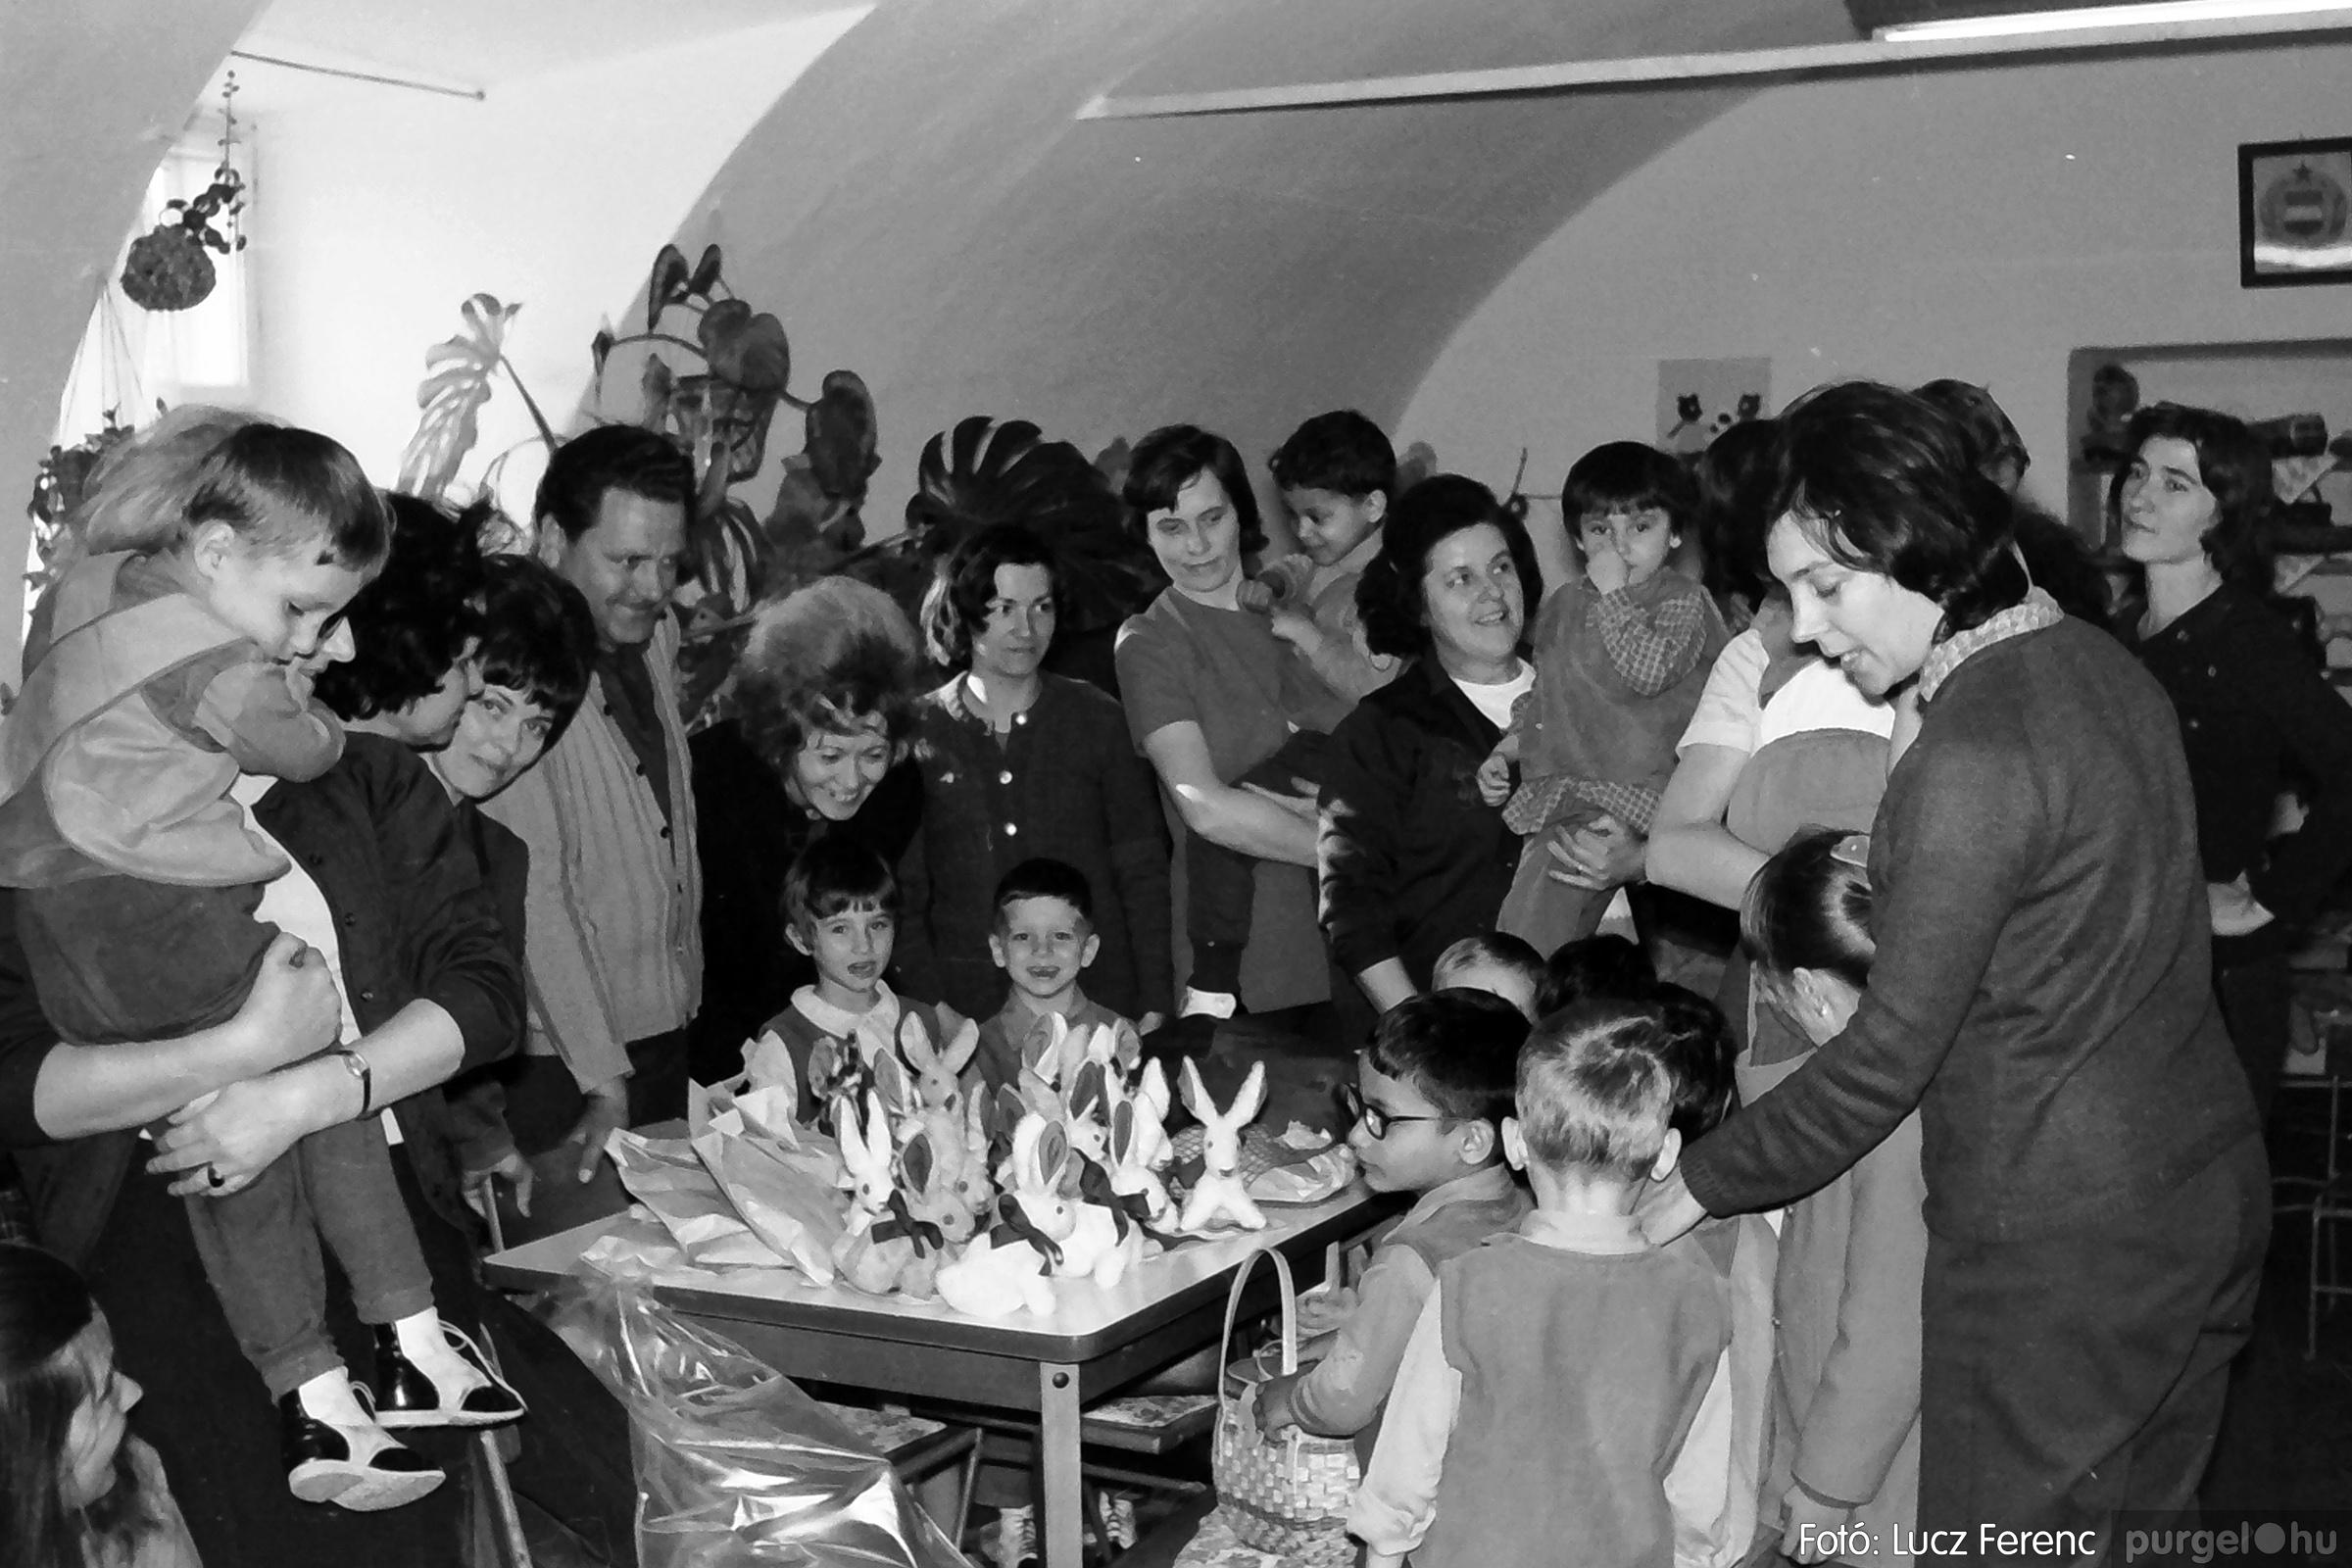 044. 1976. Látogatás a gyermekotthonban 001. - Fotó: Lucz Ferenc.jpg